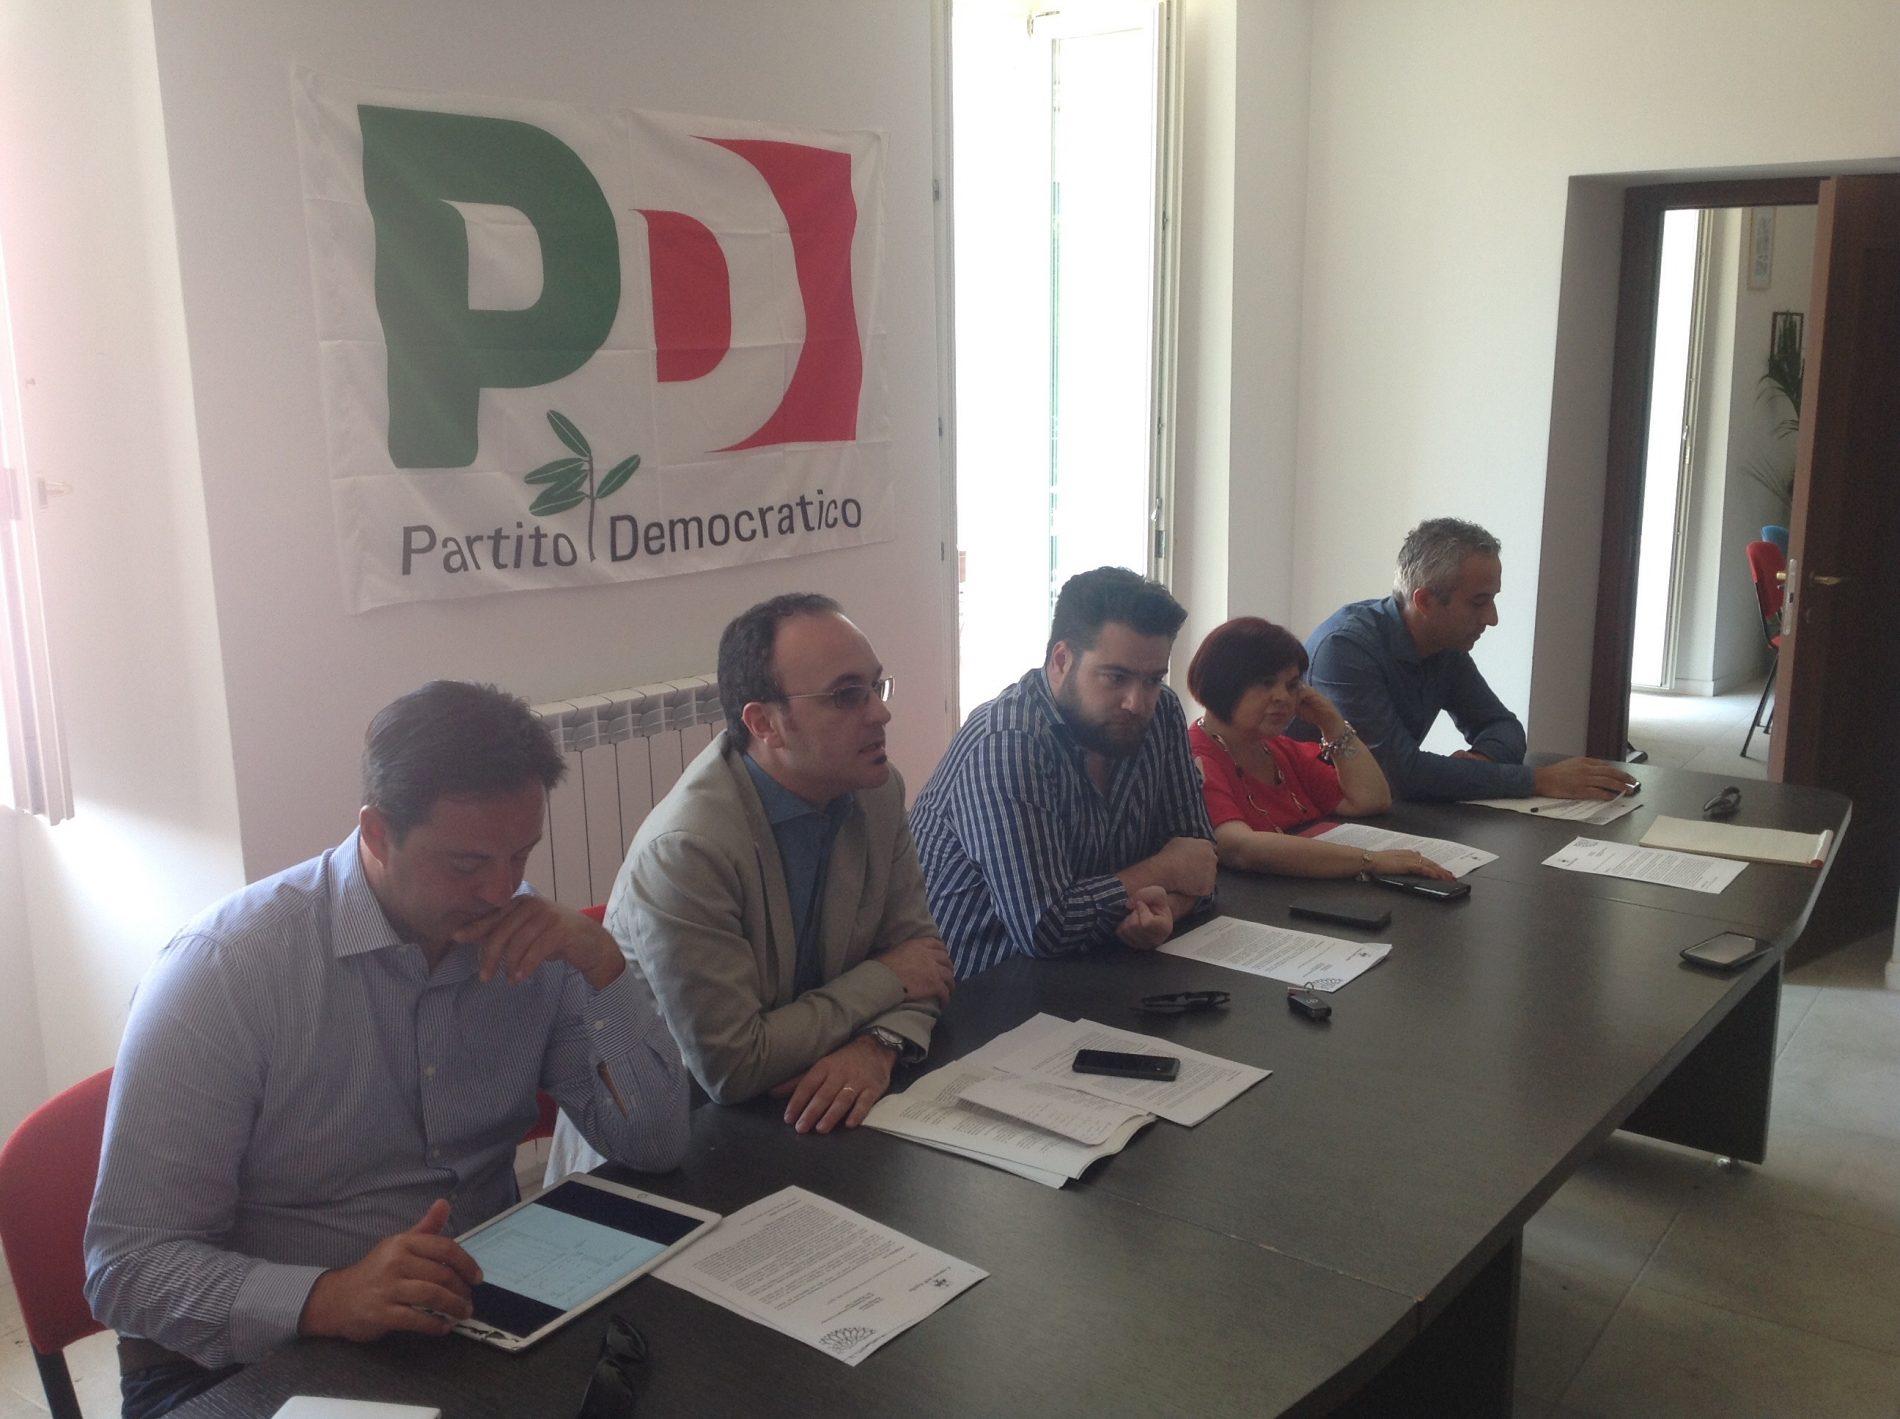 Autonomia differenziata, la mozione all'Aquila contro il progetto leghista. Parte dal capoluogo la battaglia del PD Abruzzo